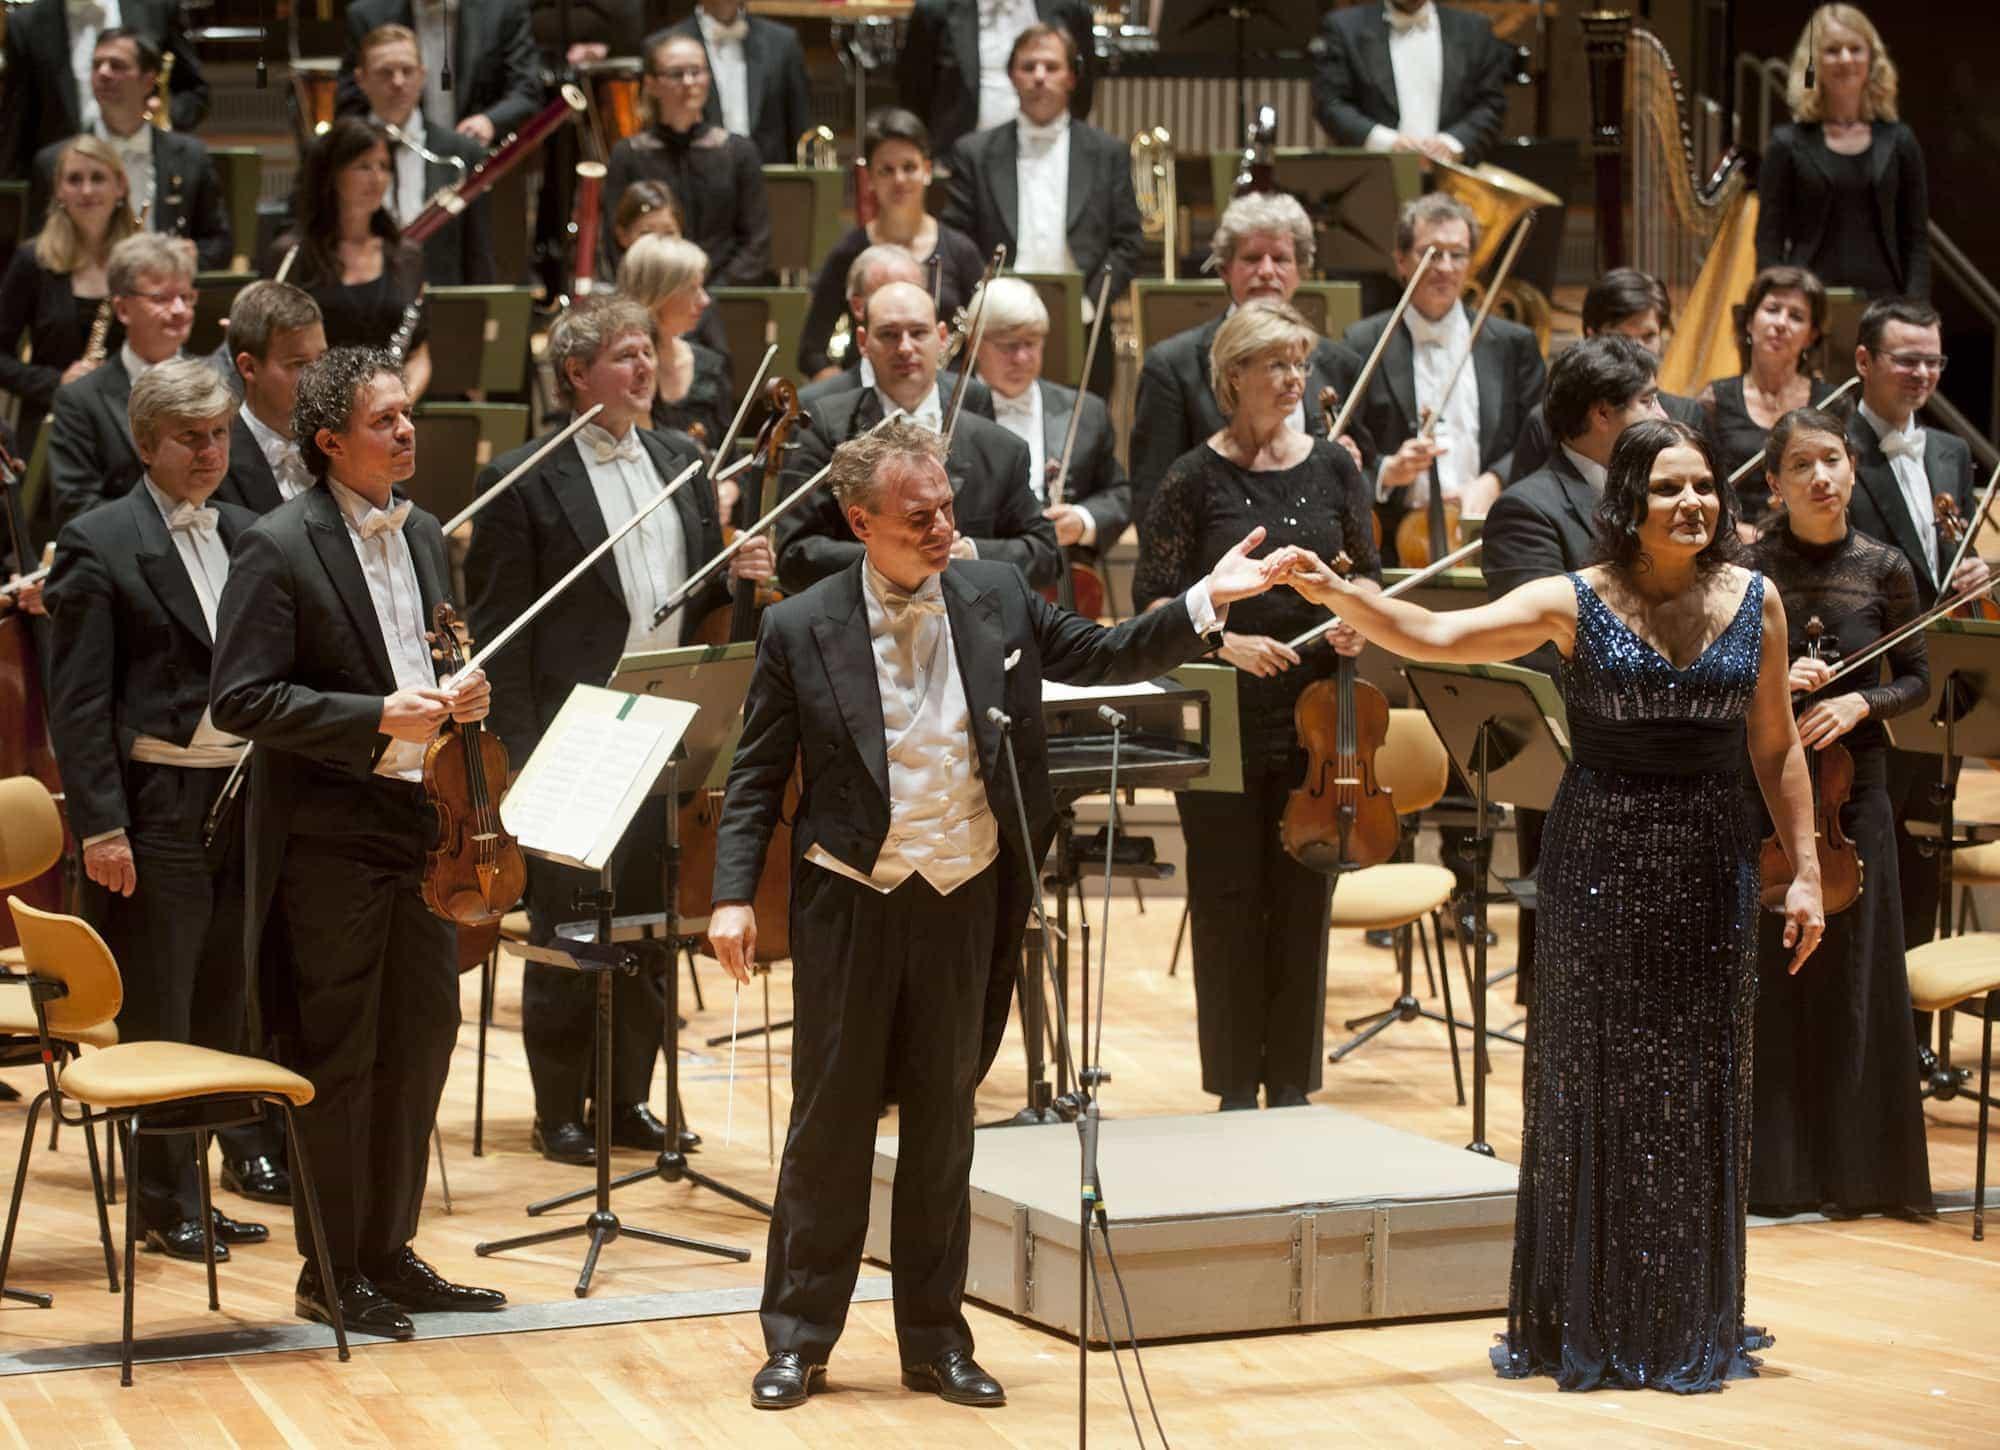 Джонатан Нотт, Гения Кюмайер, Бамбергский симфонический оркестр. Фото - Kai Bienert